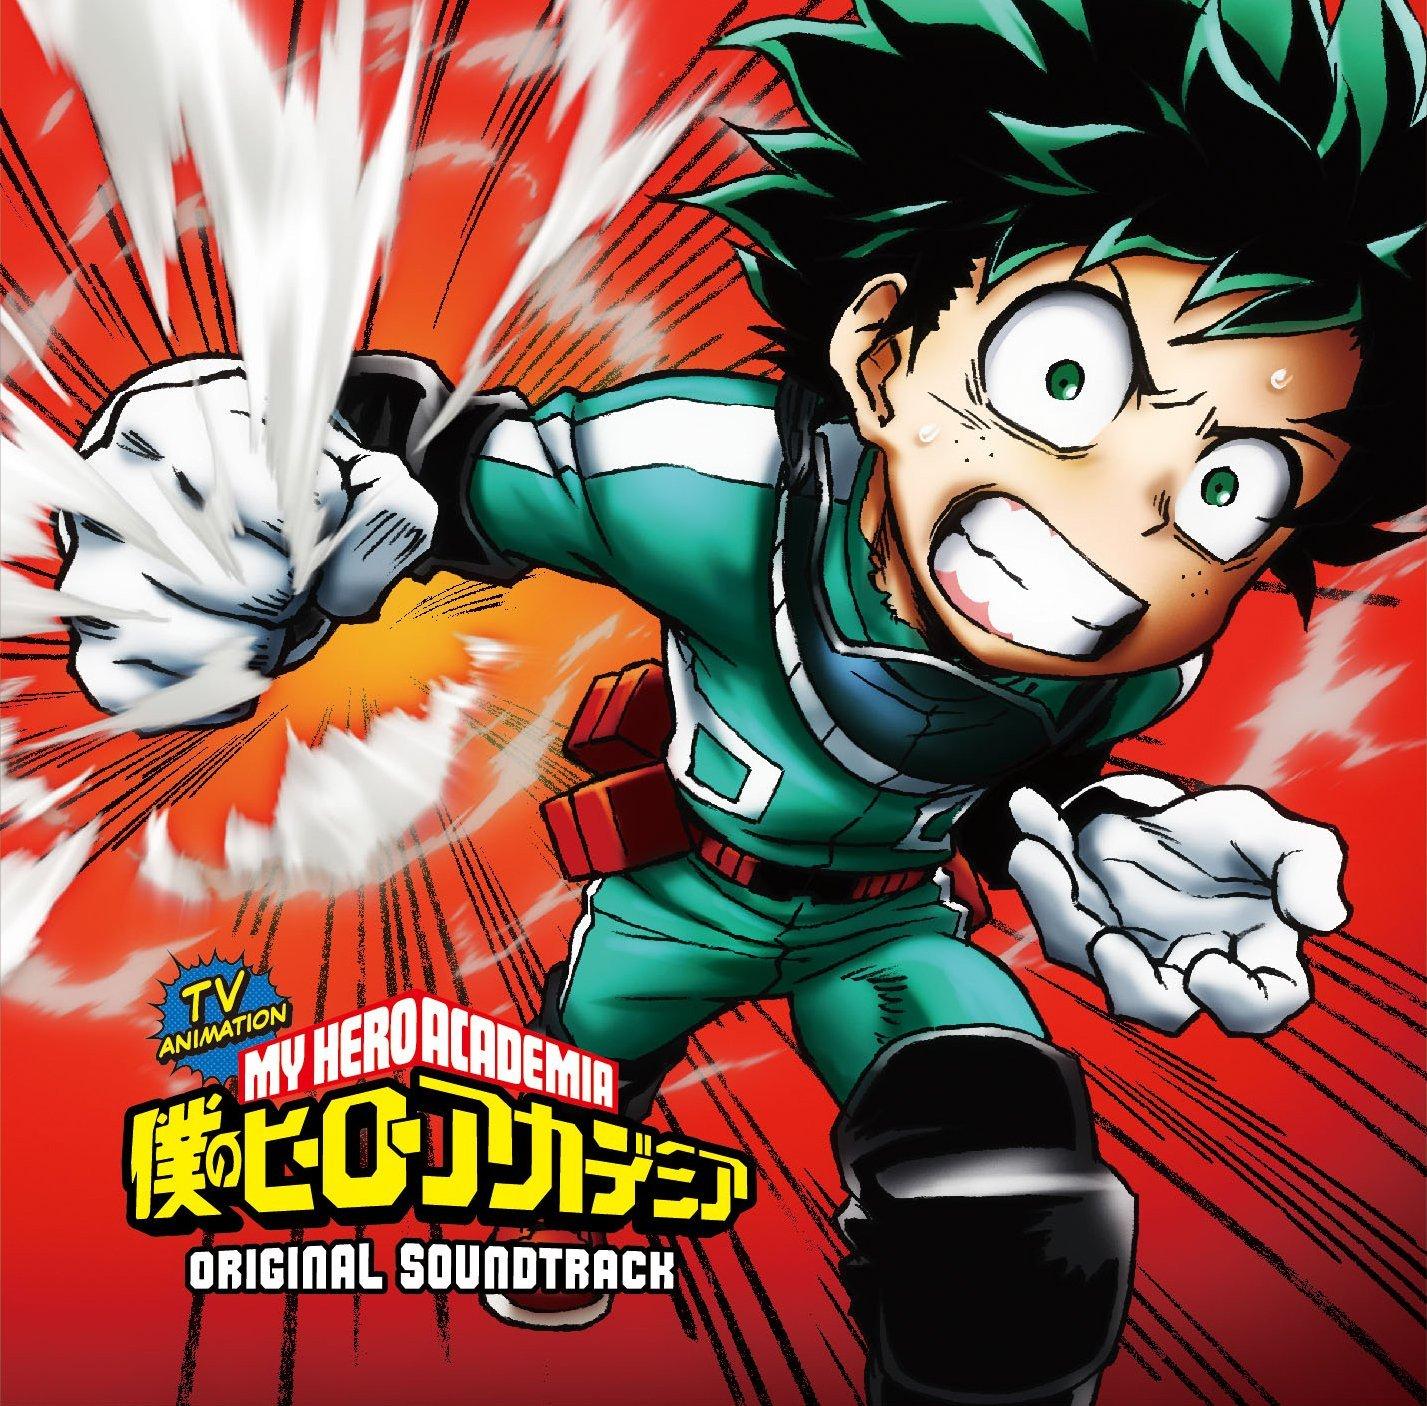 我的英雄学院,音乐集,OST,下载